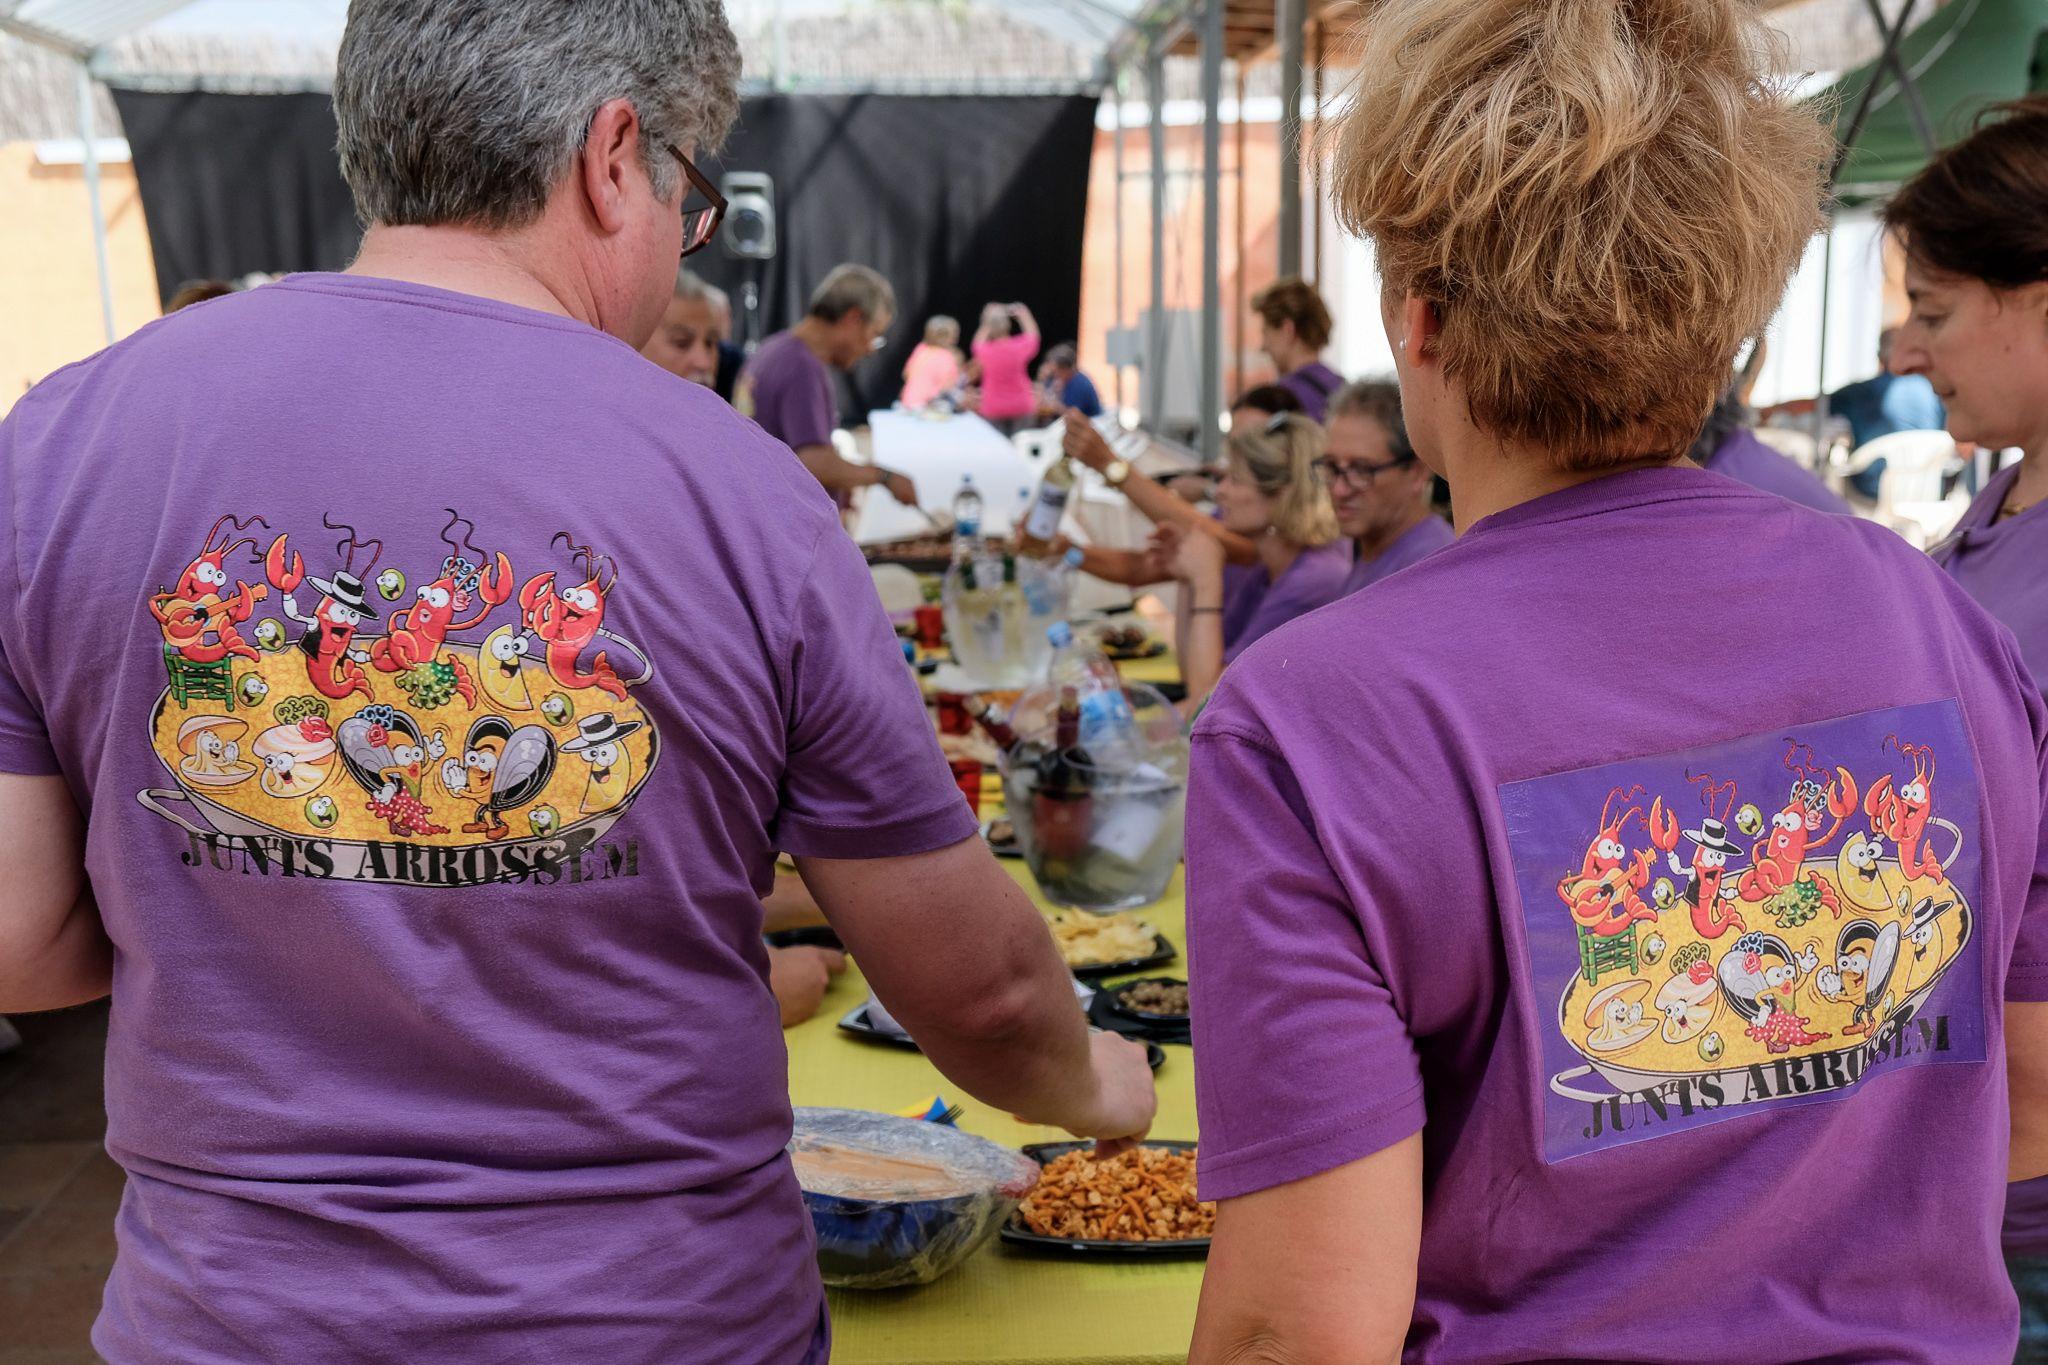 Concurs de paelles a Valldoreix. Foto: Ale Gómez